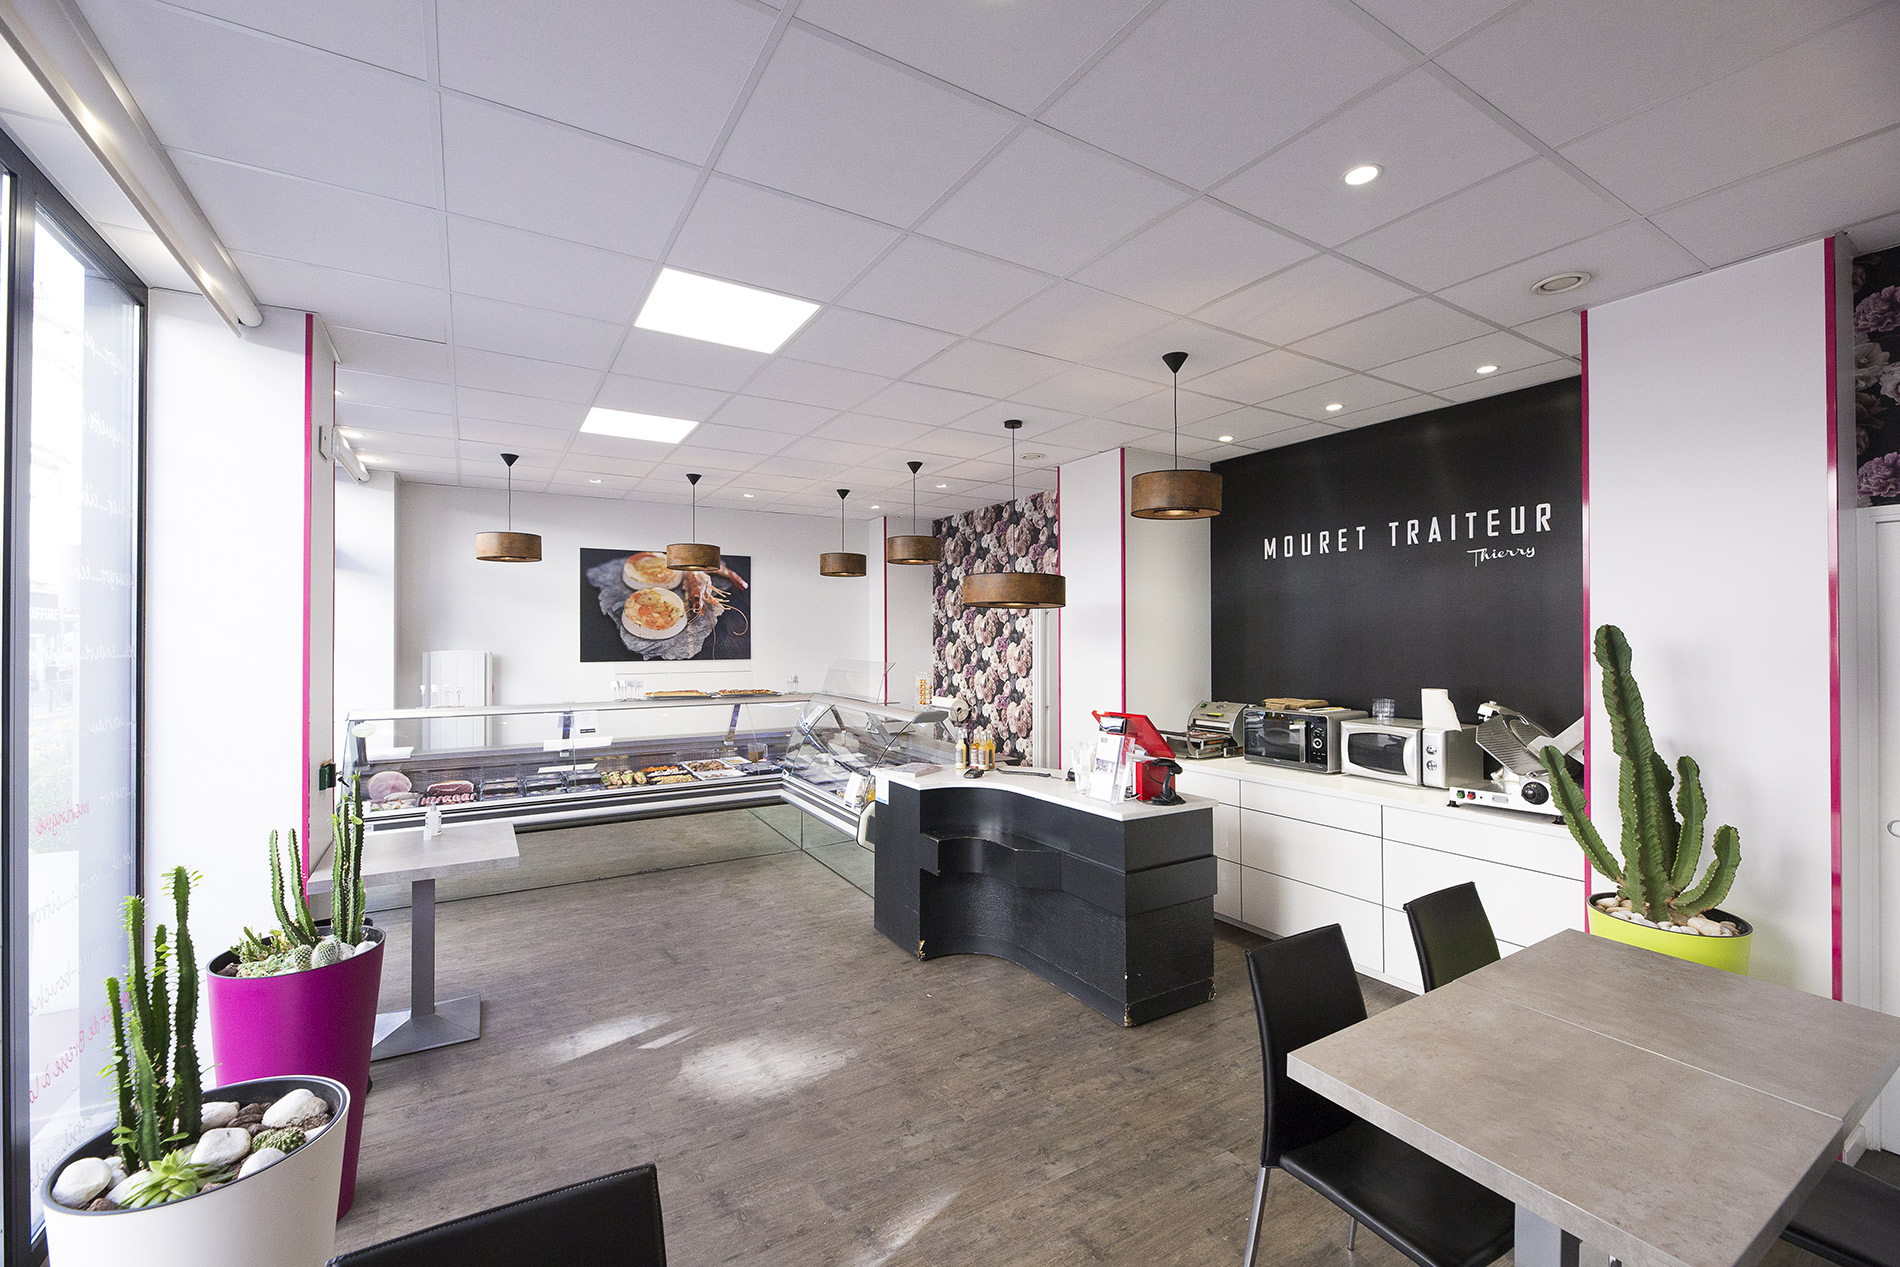 Boutique Mouret Traiteur Bourg-en-Bresse